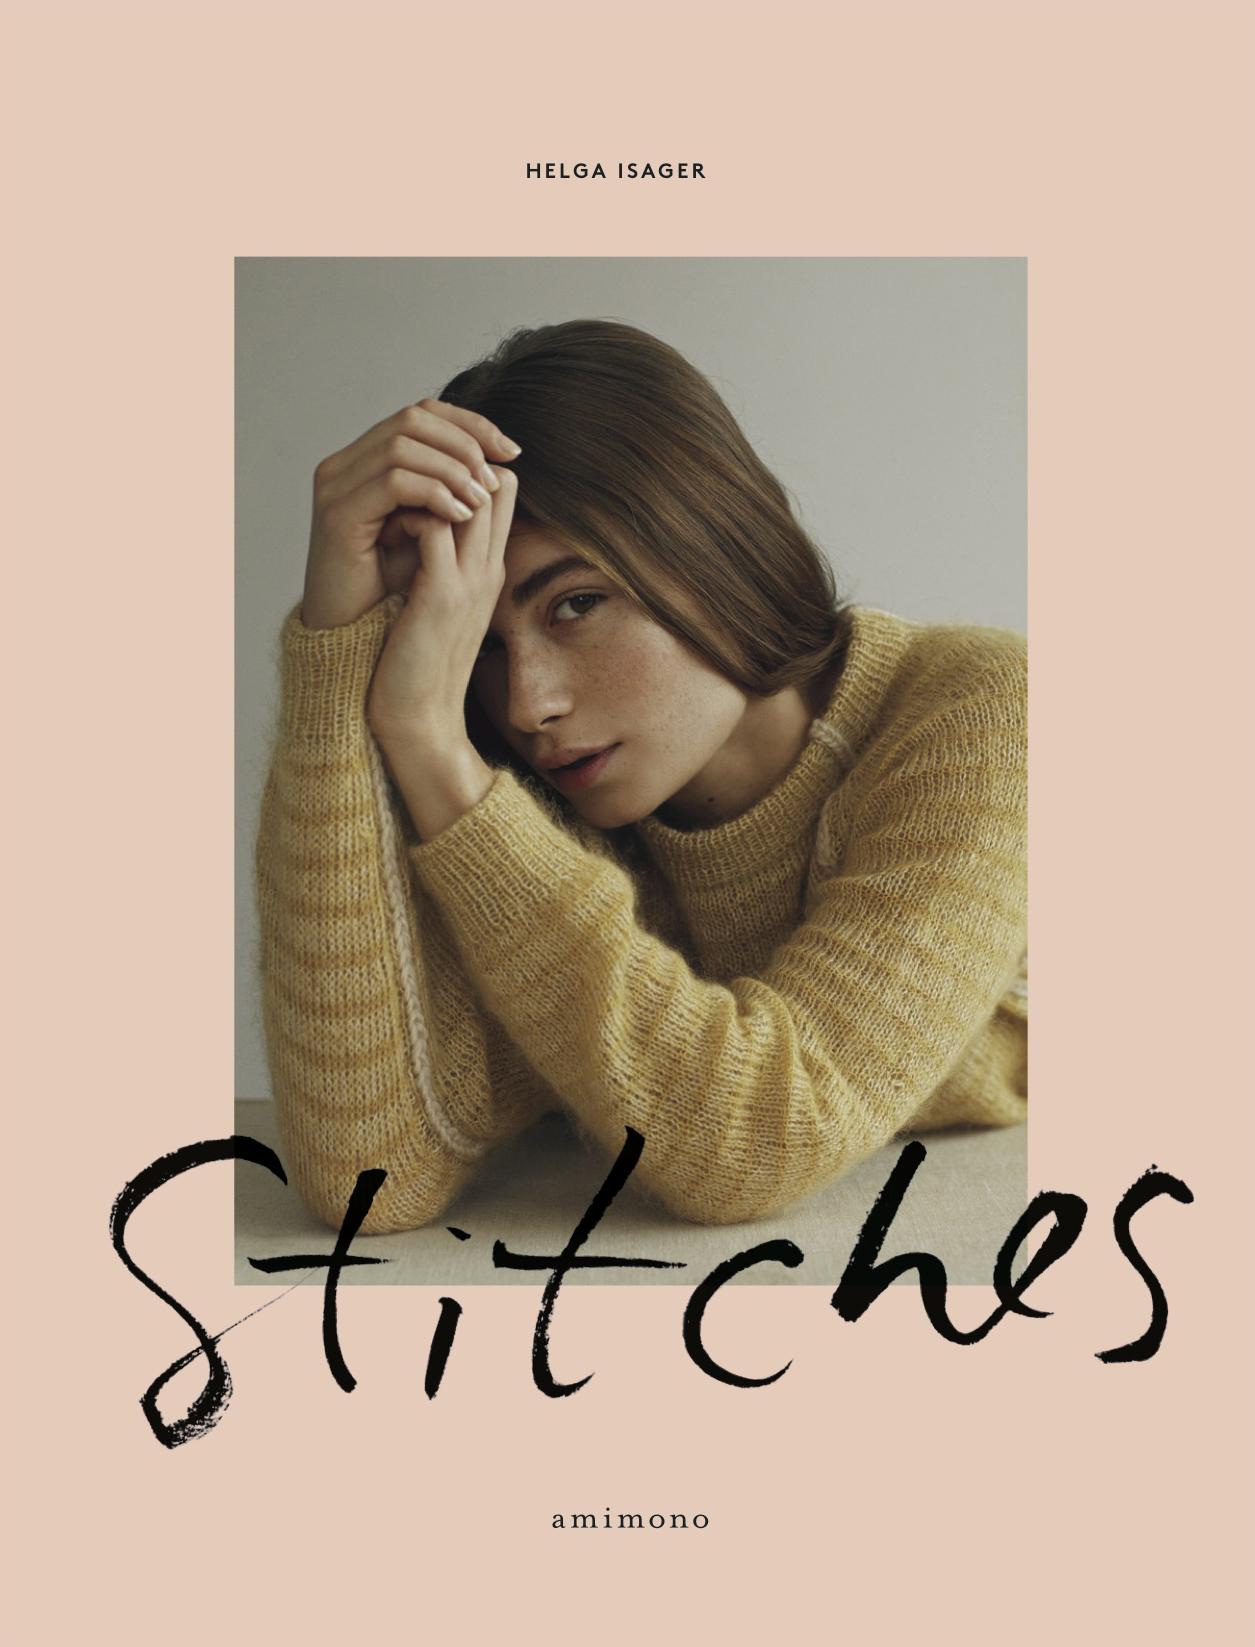 Stitches - amimono